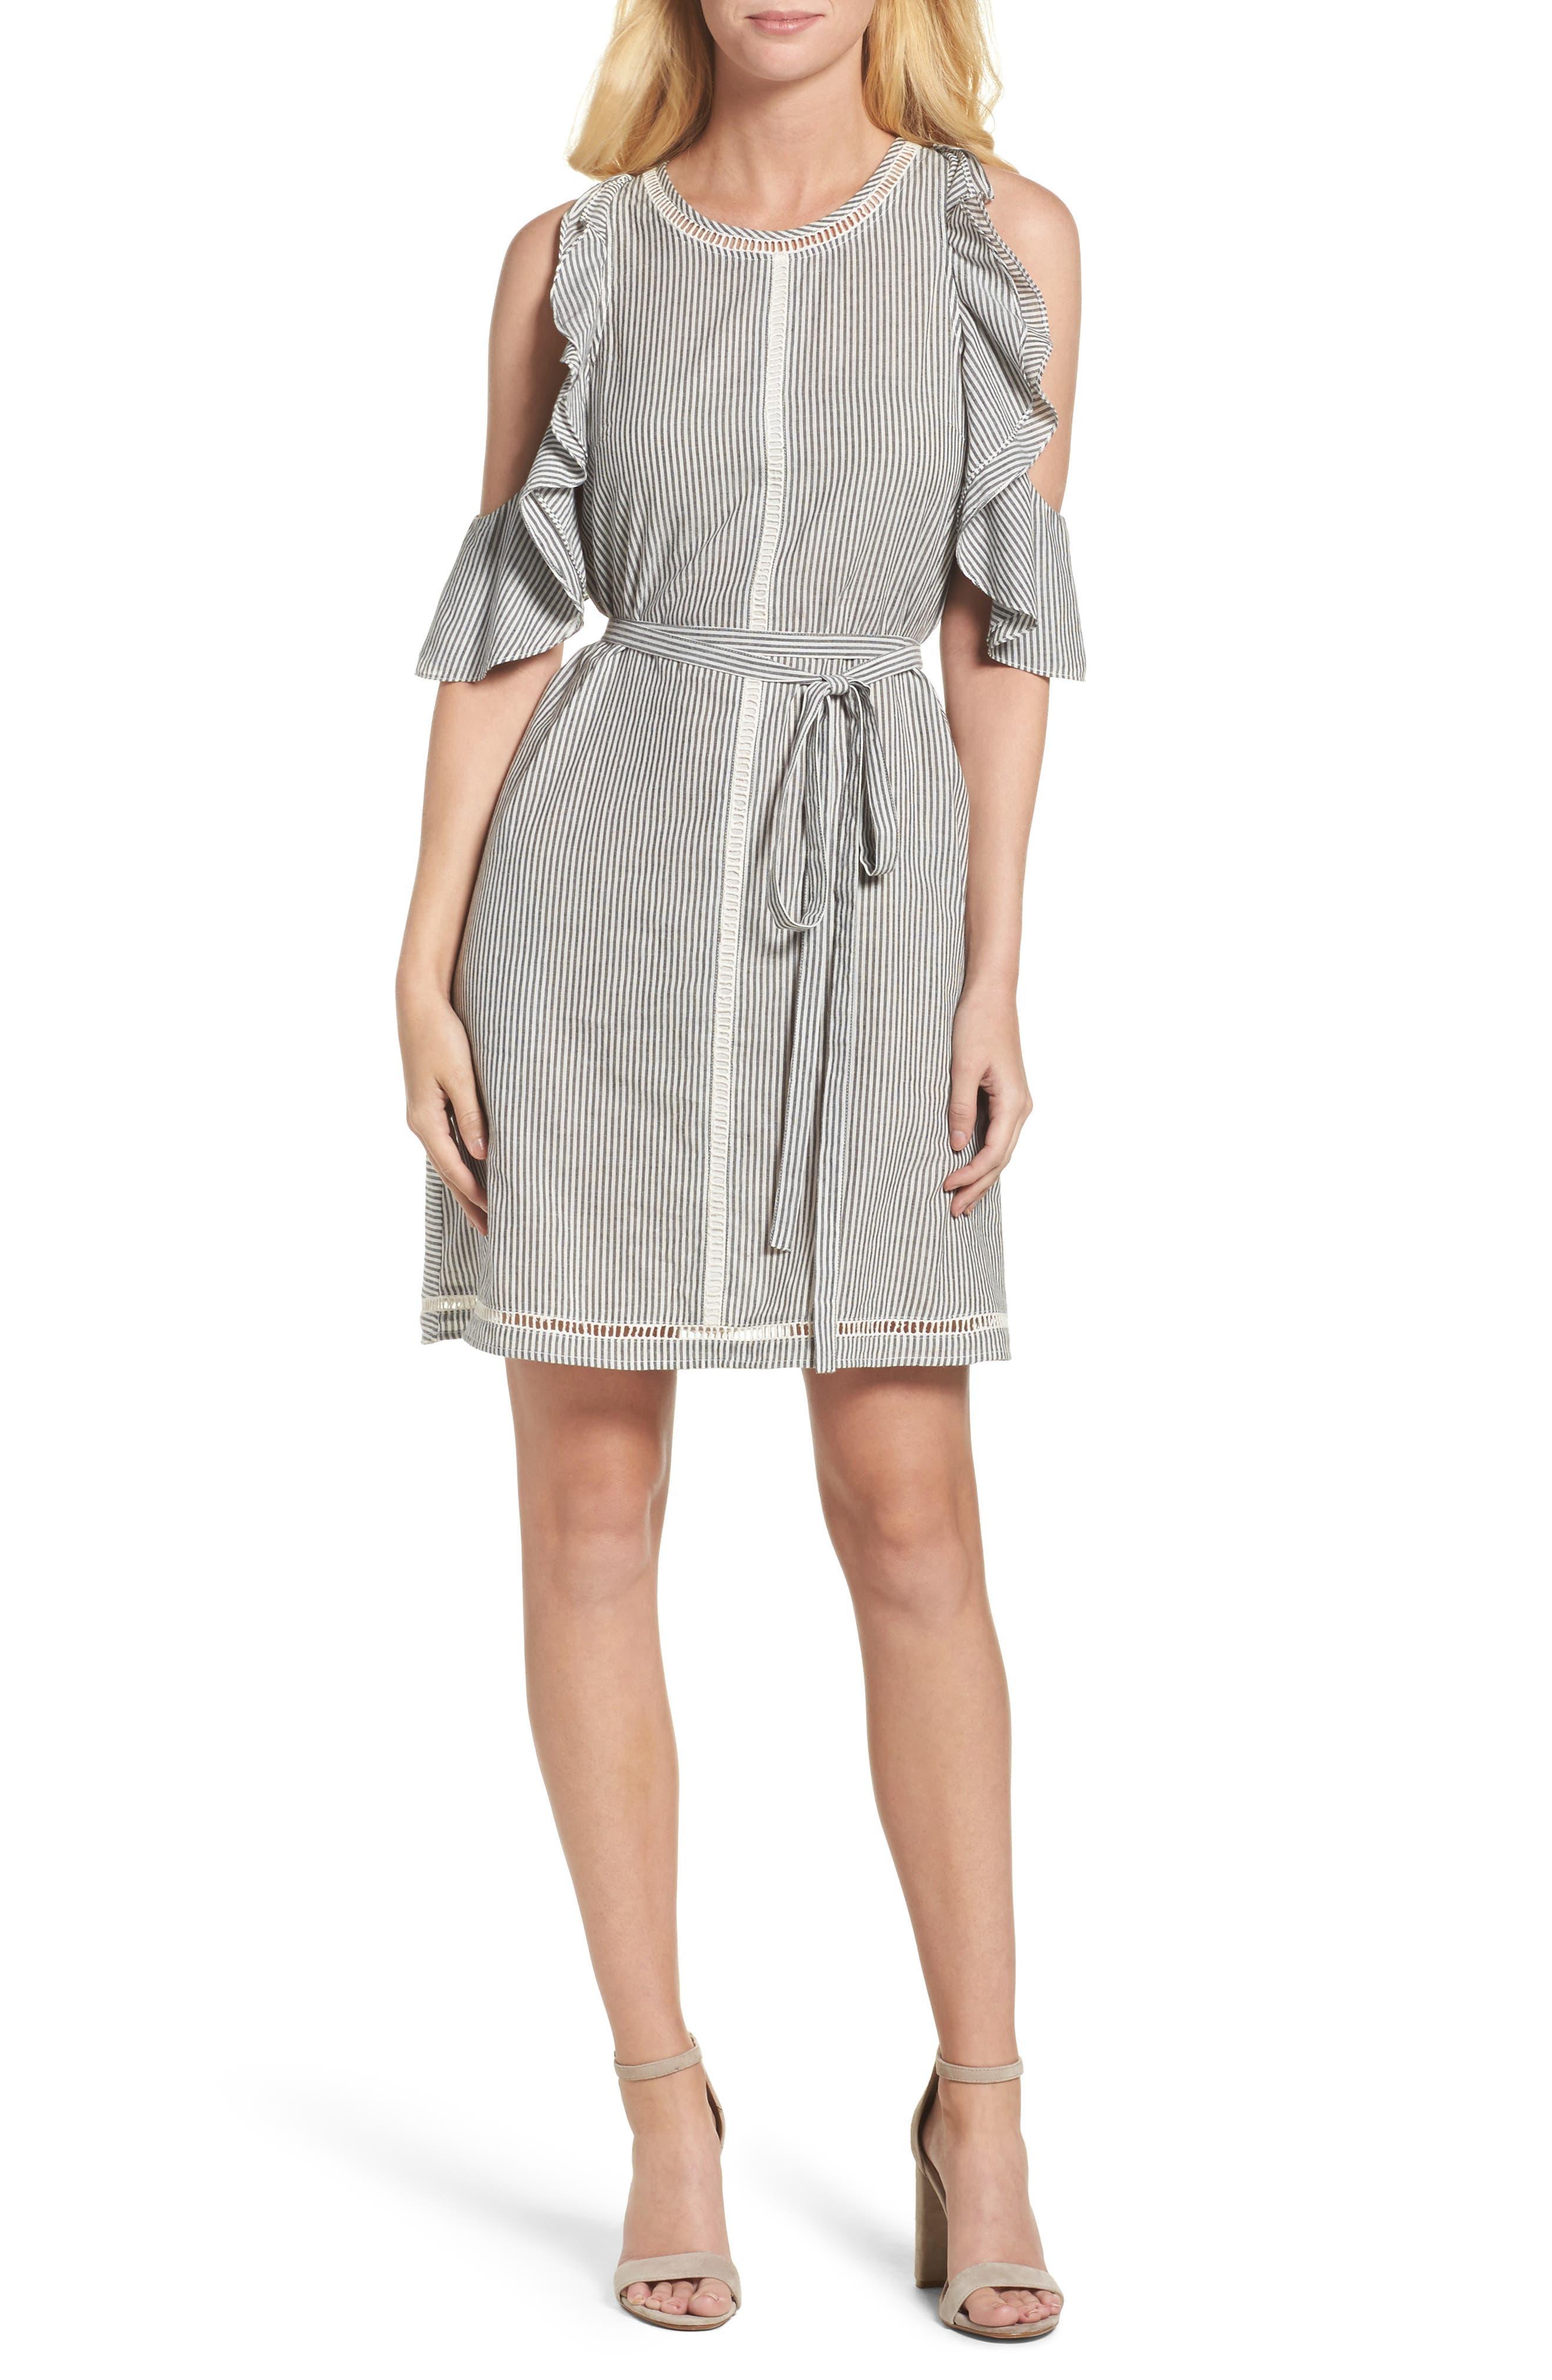 Clea Cold Shoulder Dress,                             Main thumbnail 1, color,                             Black/ White